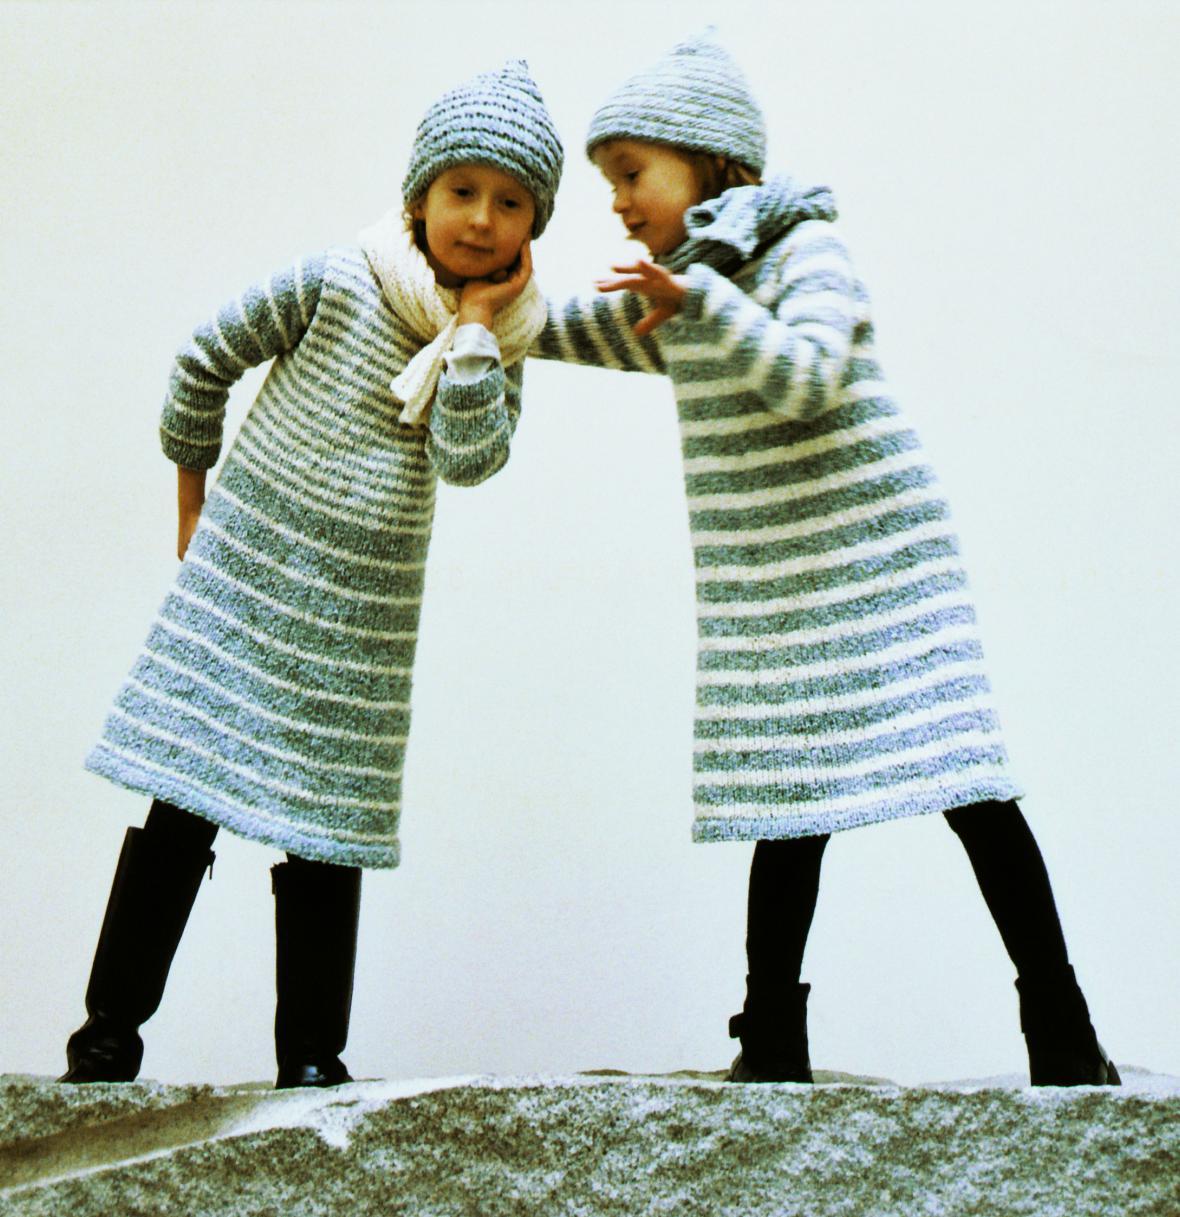 Vintage dětská móda značky Bim Bam Bum